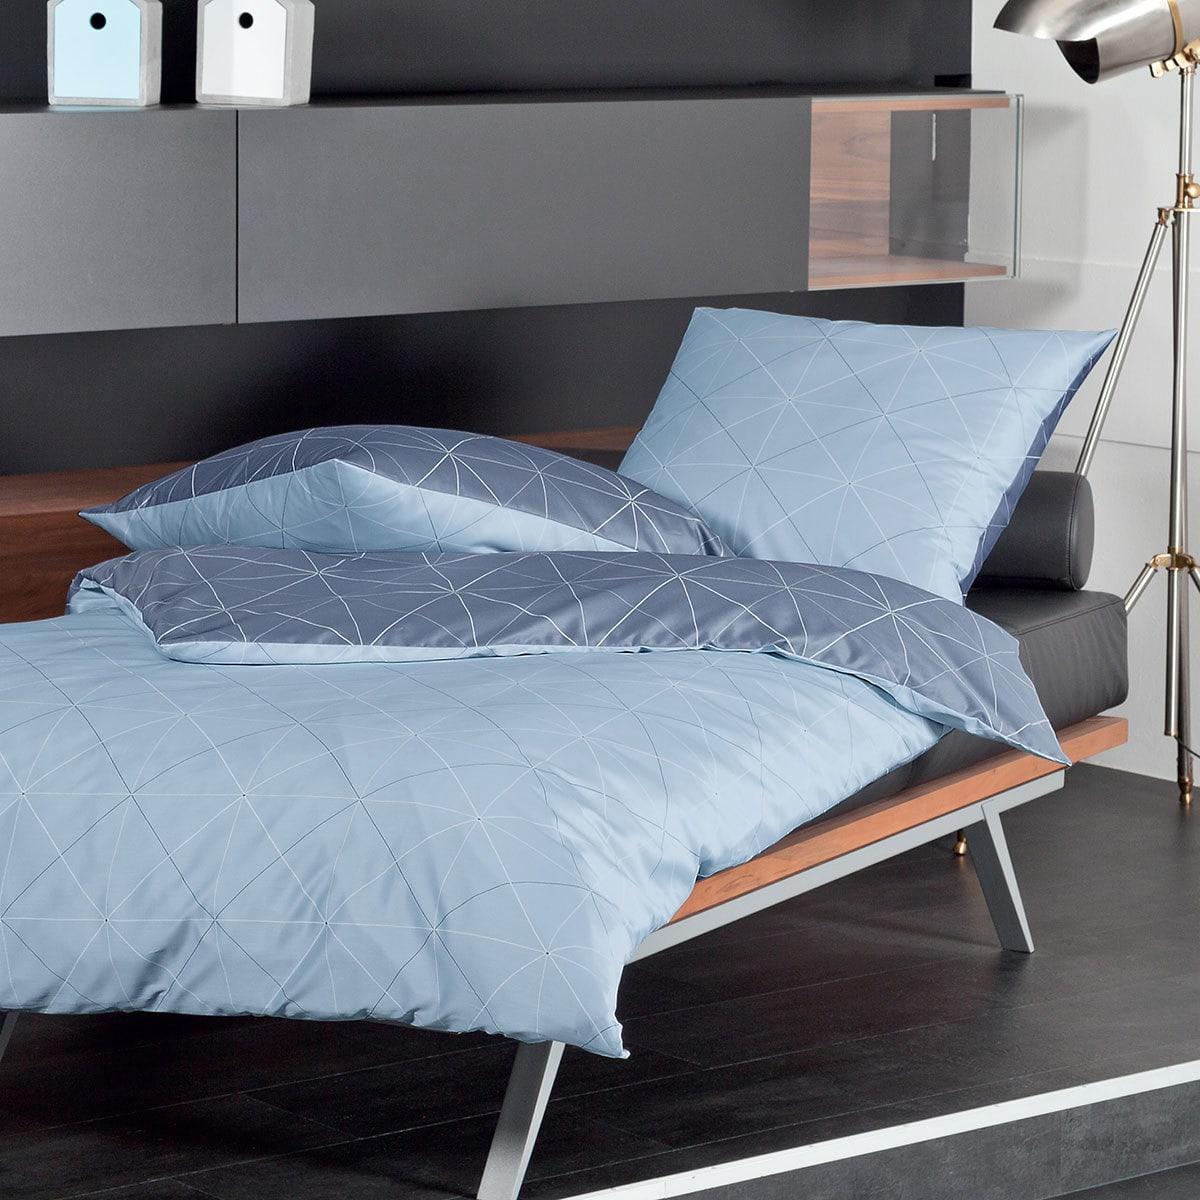 janine mako satin bettw sche j d 87026 08 sterling. Black Bedroom Furniture Sets. Home Design Ideas